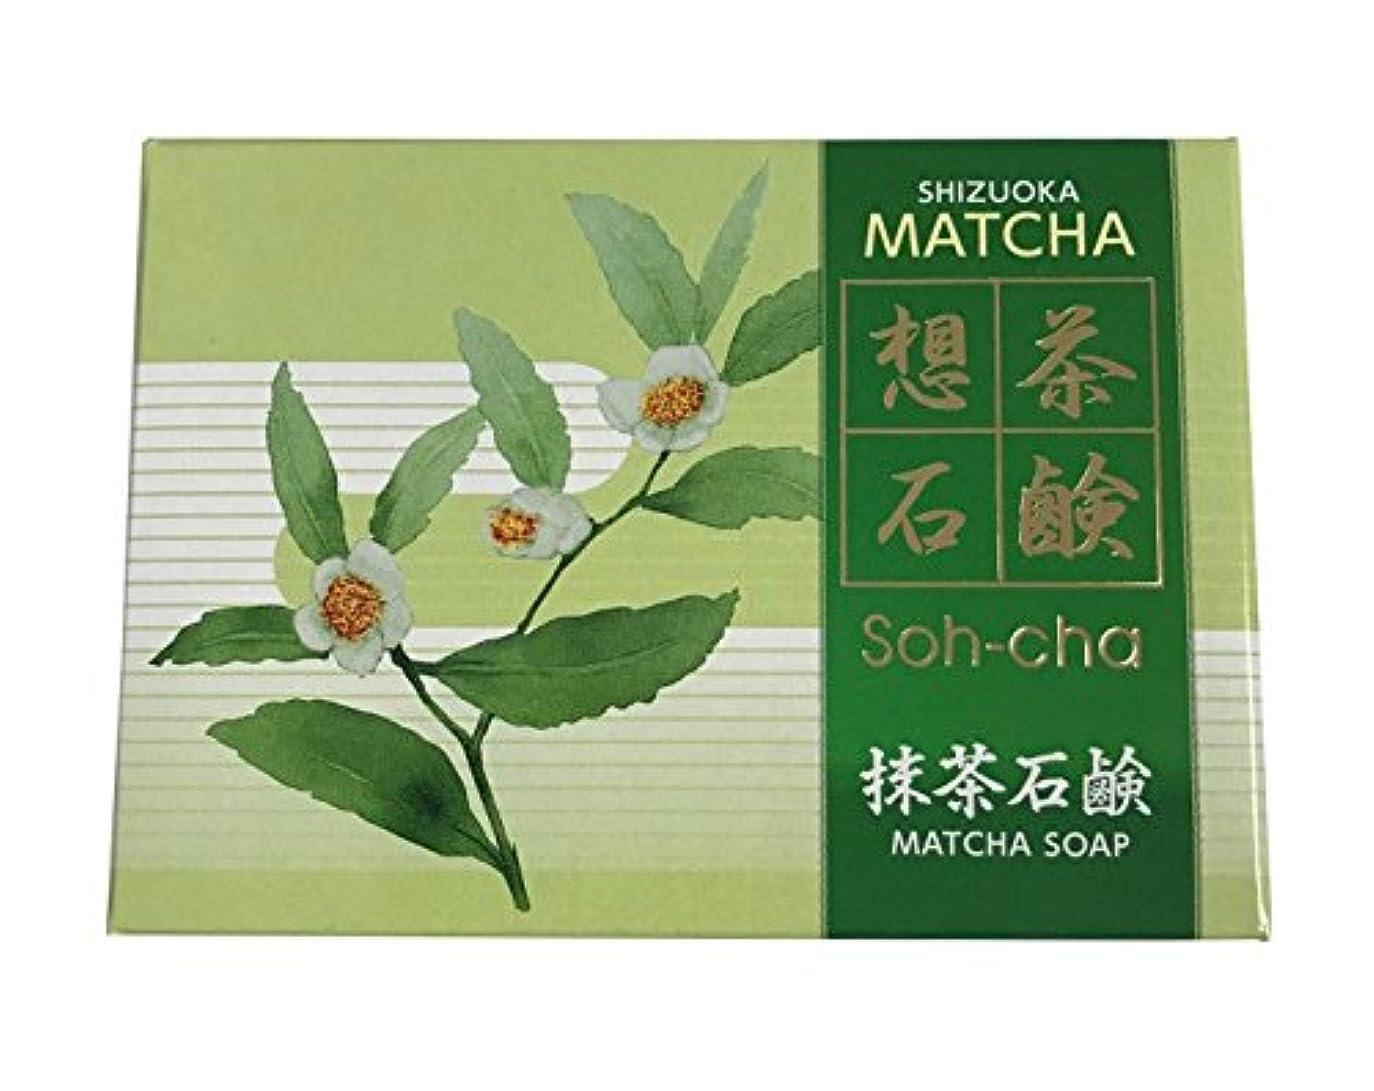 雨ビクター手荷物フロムS 想茶石鹸 抹茶 (泡立てネット付) 80g